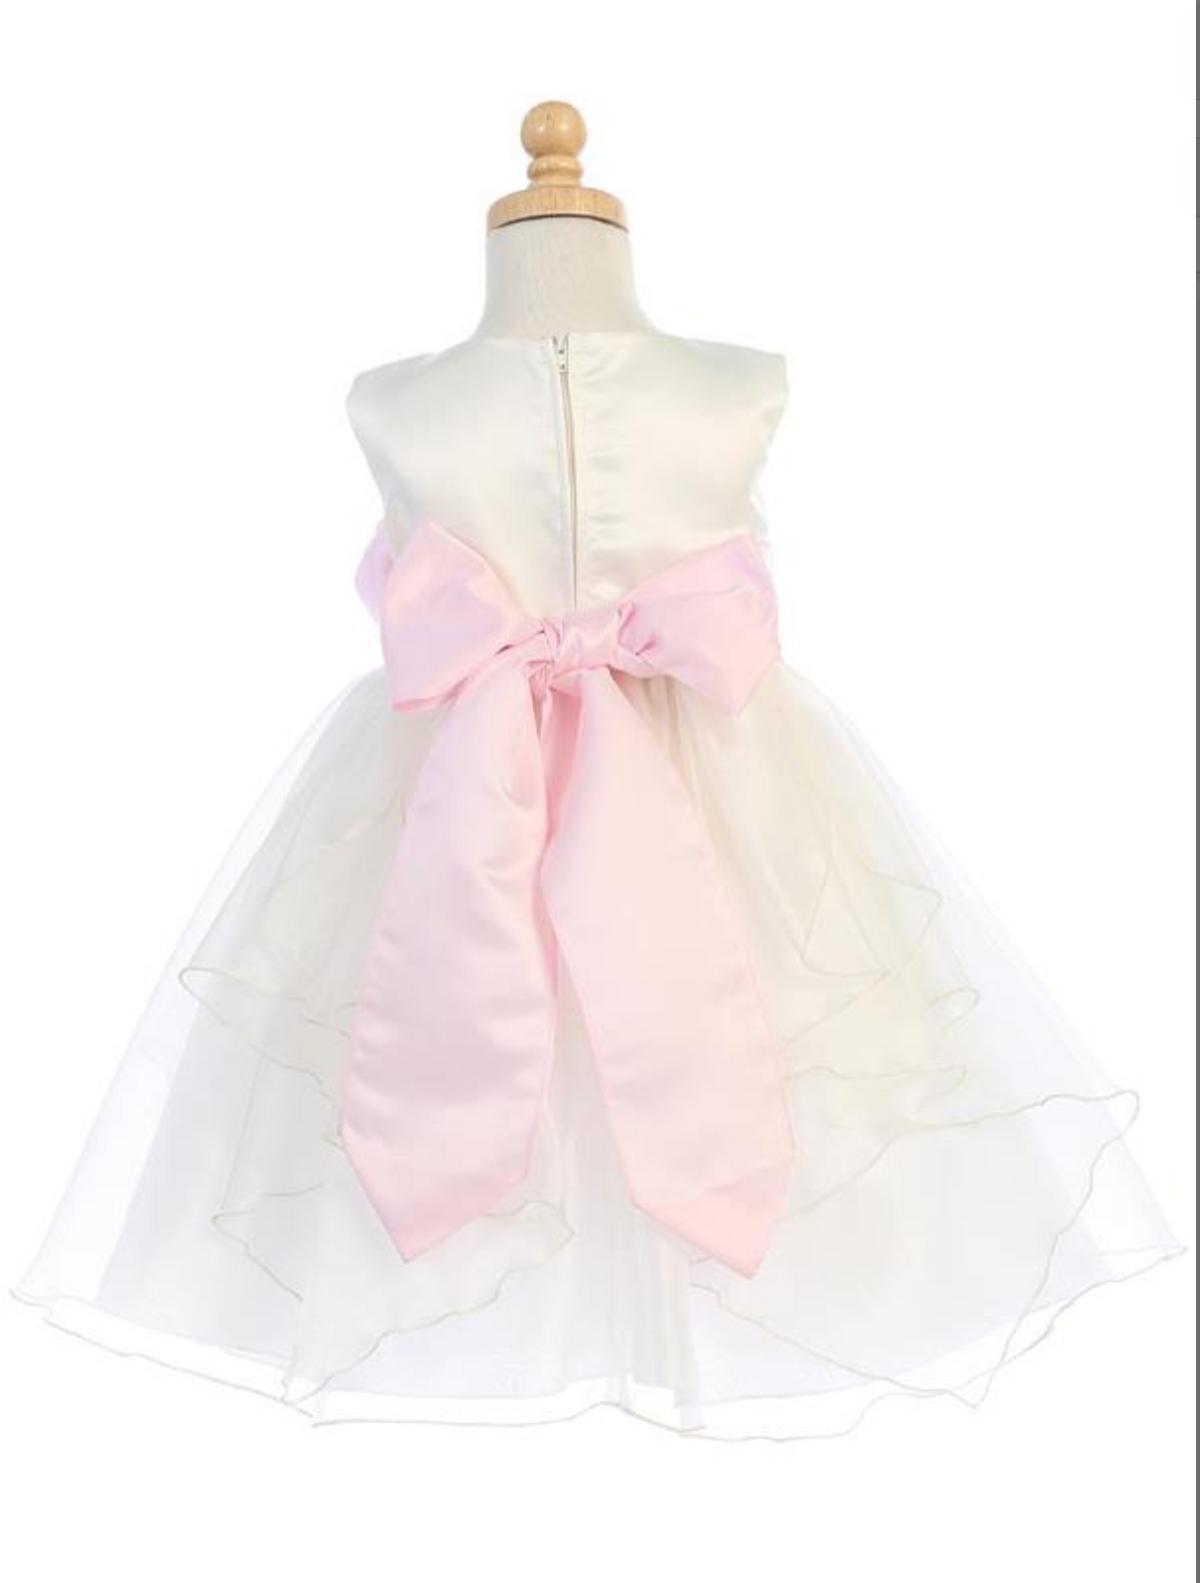 Baby BOW socks girl christening pink ivory white